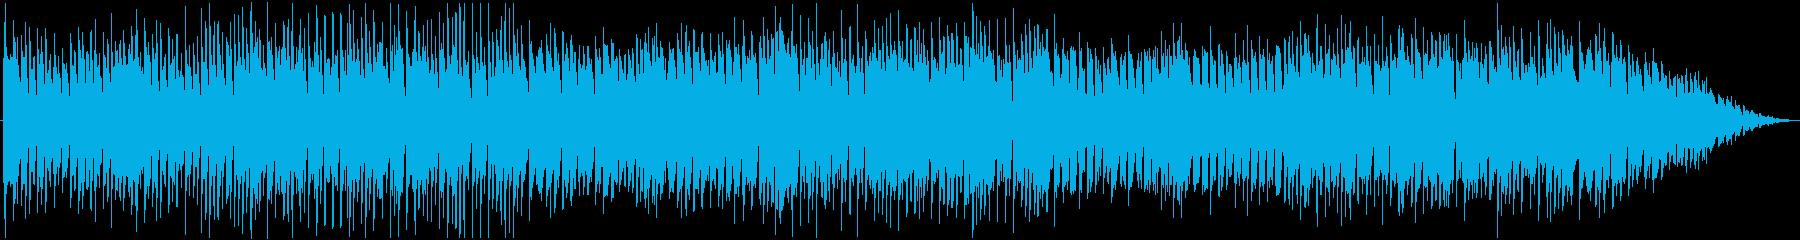 東欧の民族音楽風。ゲームのBGM等に。の再生済みの波形